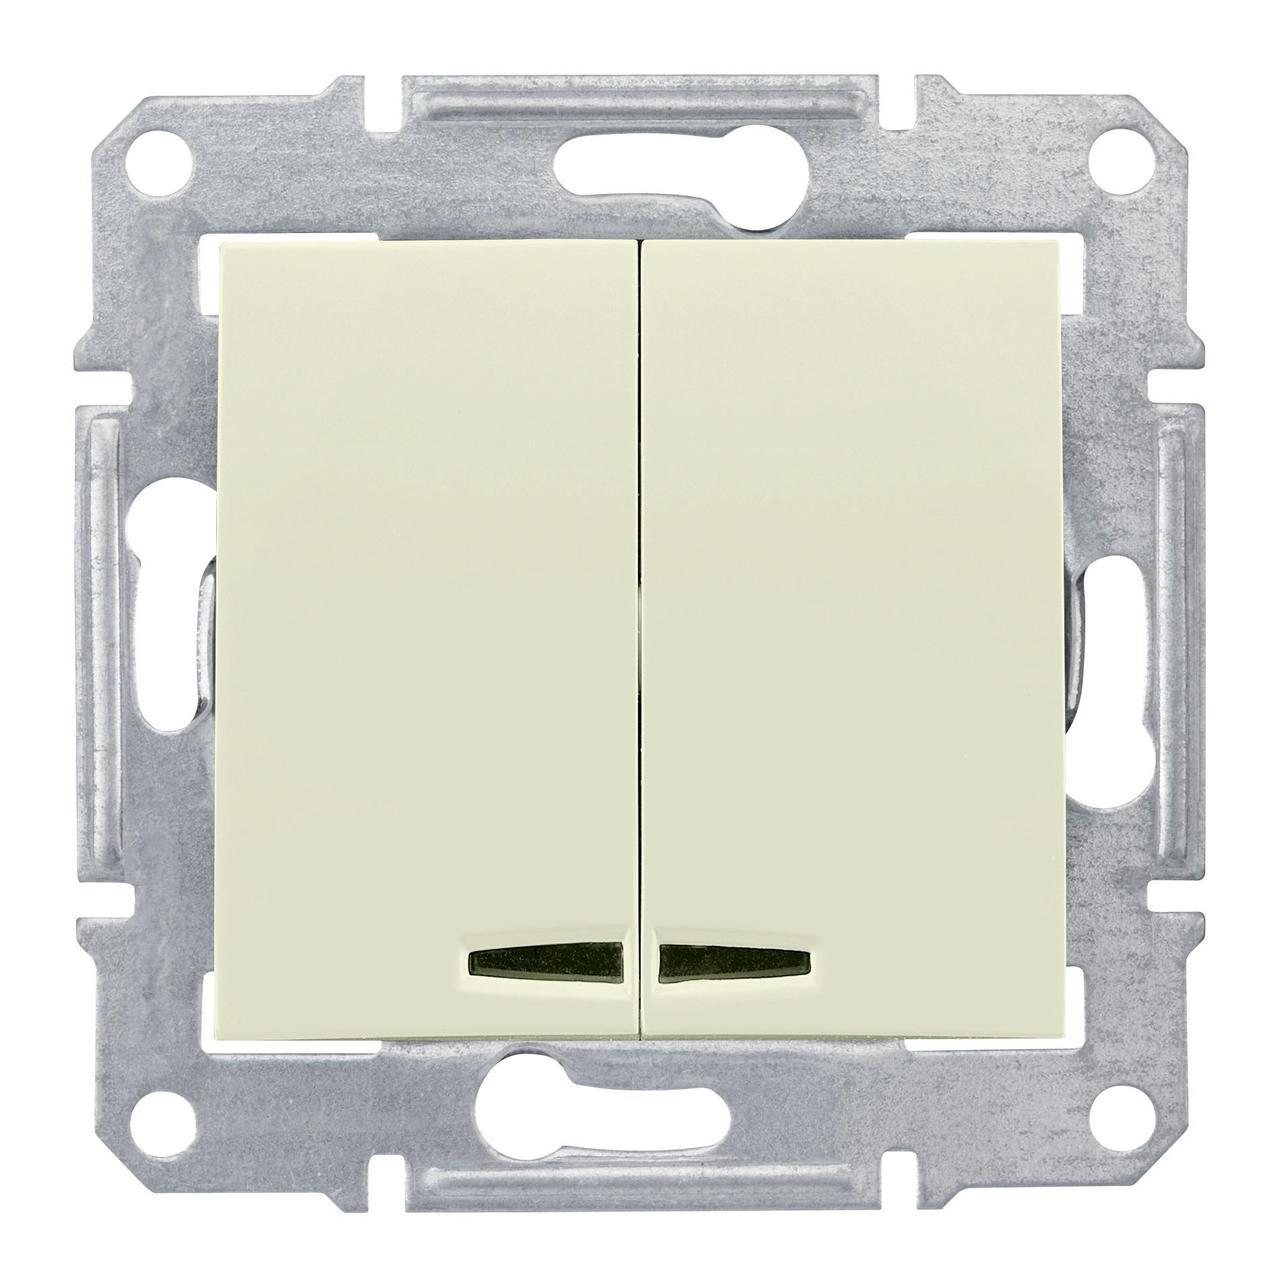 Выключатель 2-клавишный , с подсветкой , Бежевый, серия Sedna, Schneider Electric